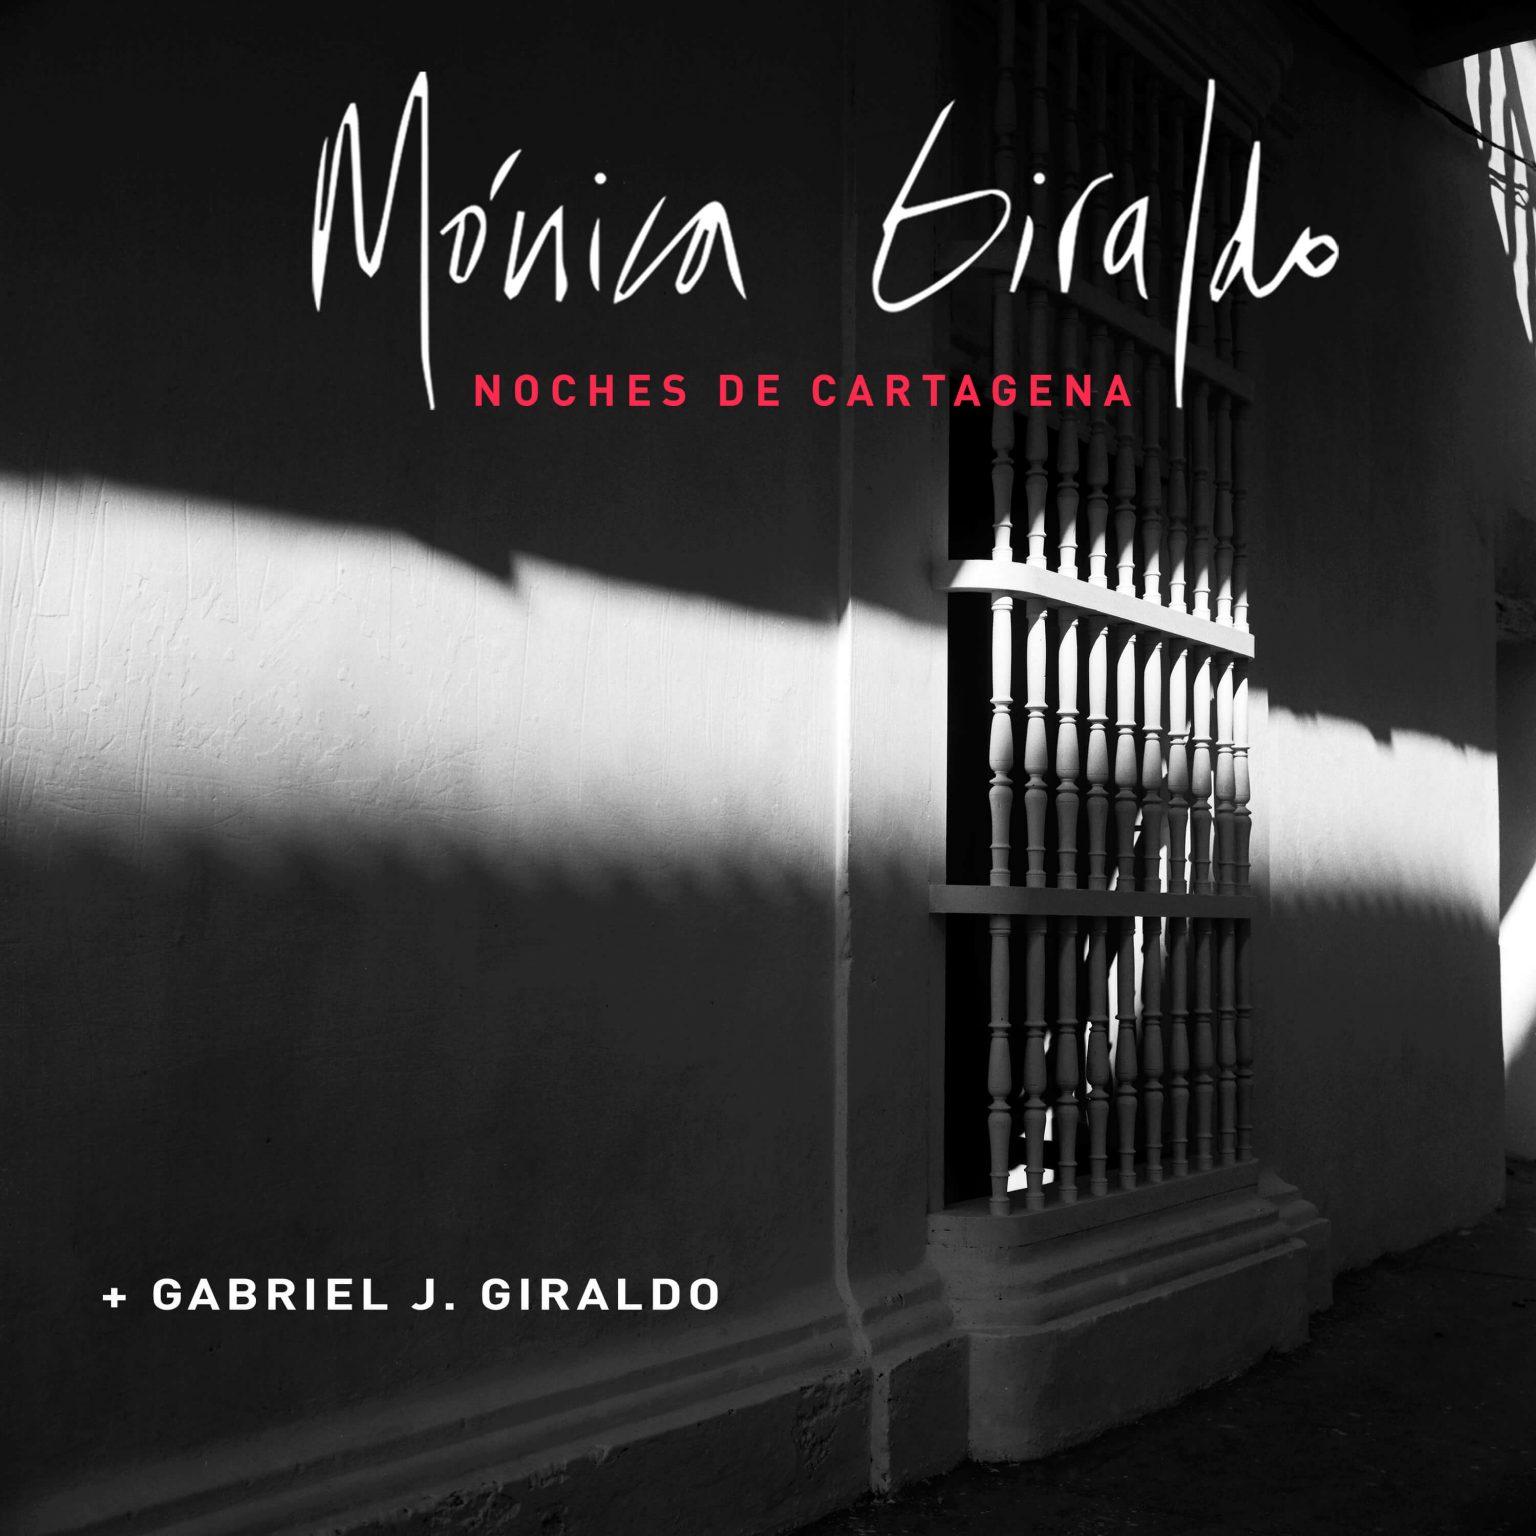 07 Mónica Giraldo NOCHES DE CARTAGENA + Gabriel J. Giraldo COLOR CORREGIDO - copia